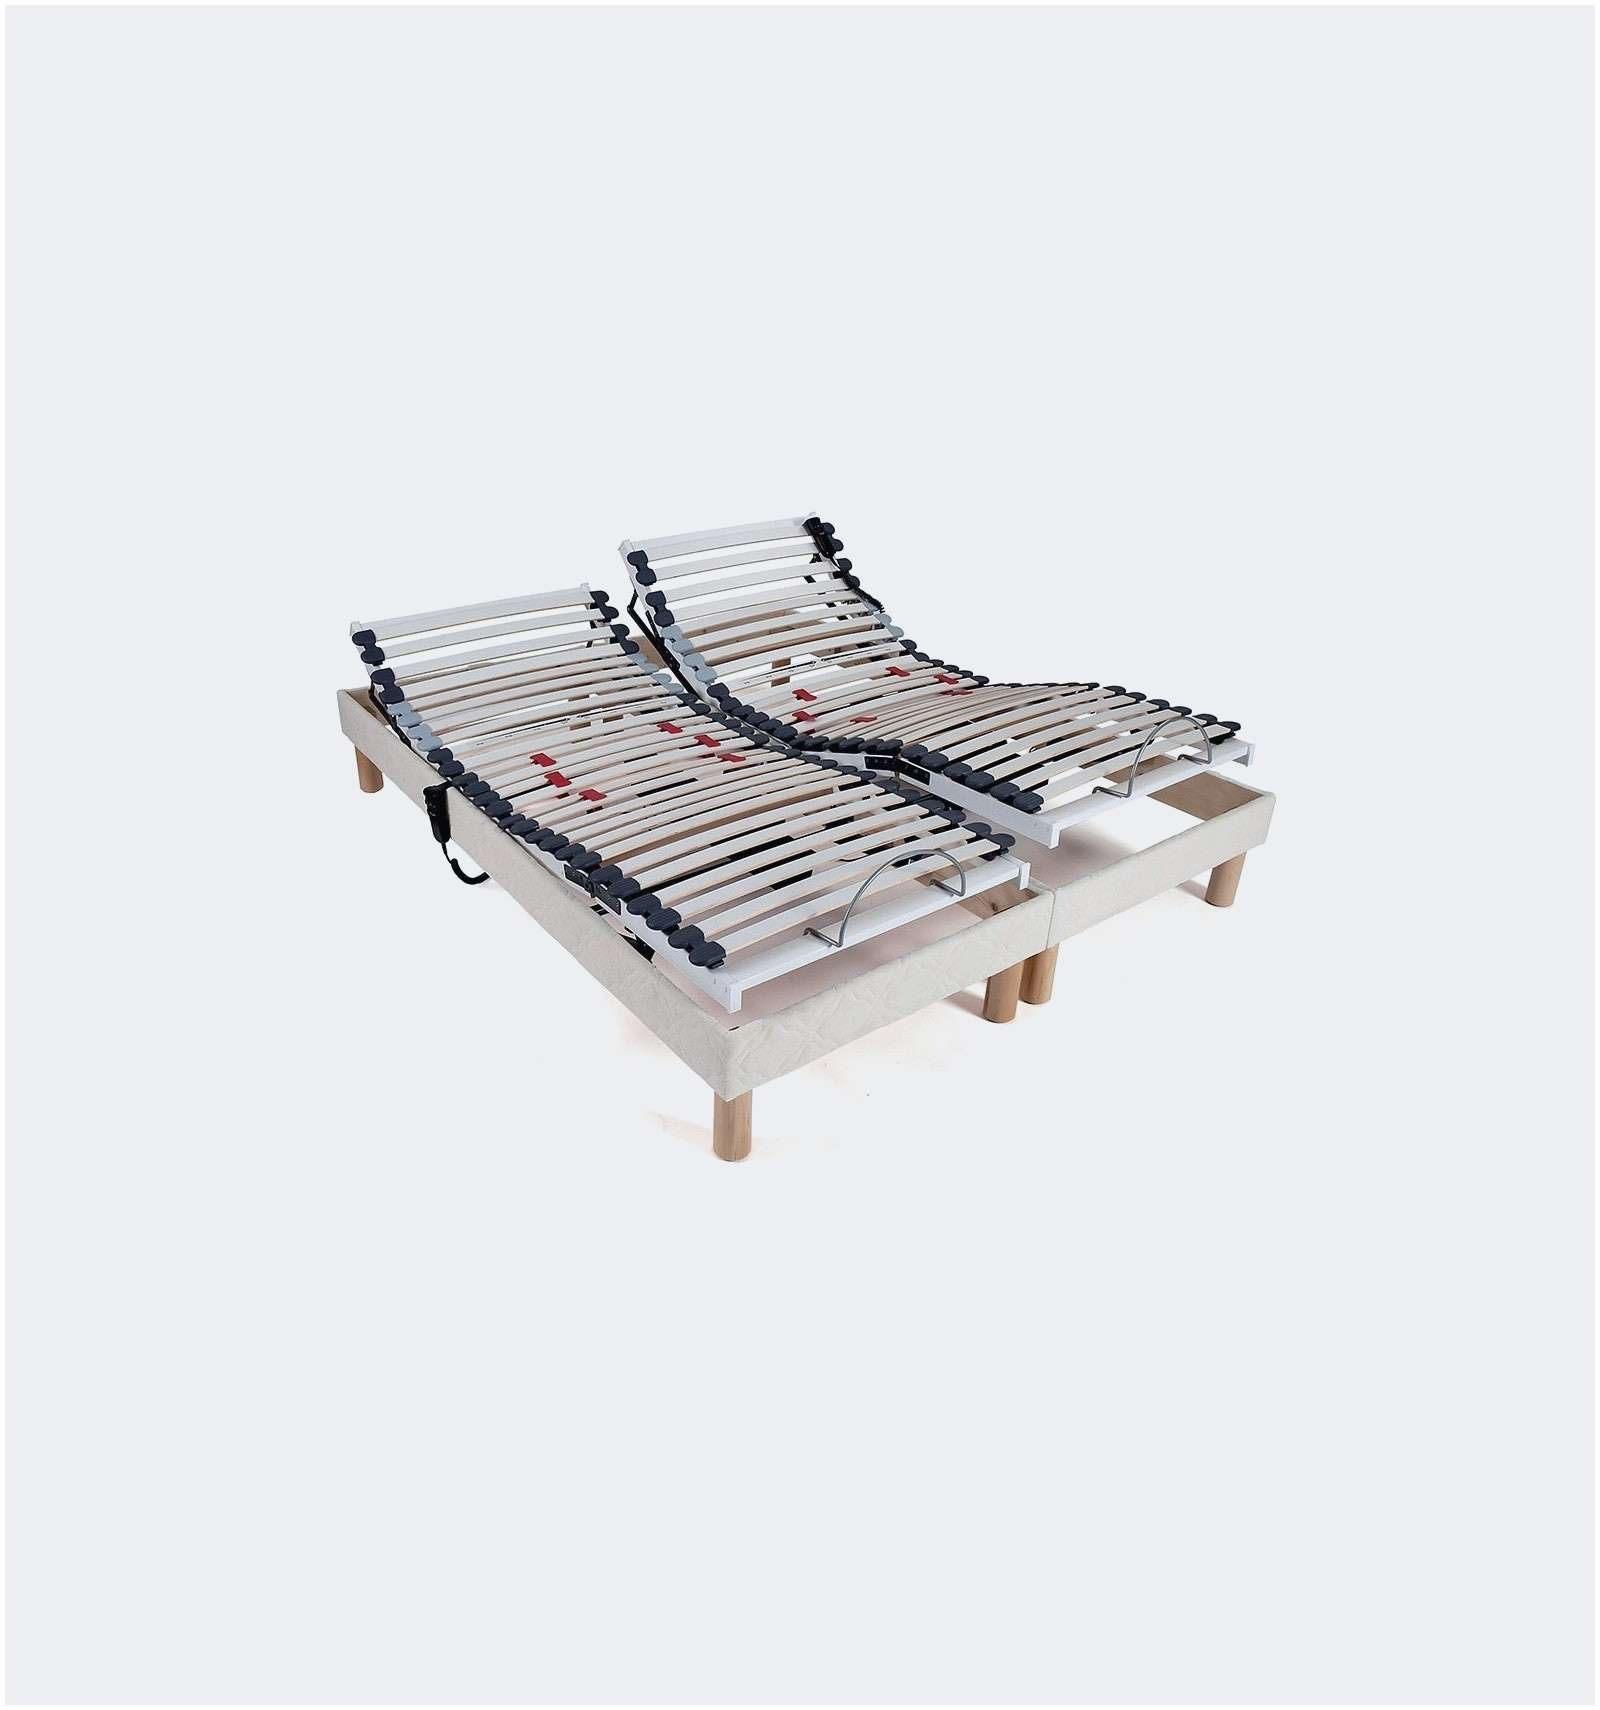 Verin Hydraulique Pour Lit Coffre Luxe Le Meilleur De sommier En Kit 140—190 Ikea Beau S Verin Lit Coffre